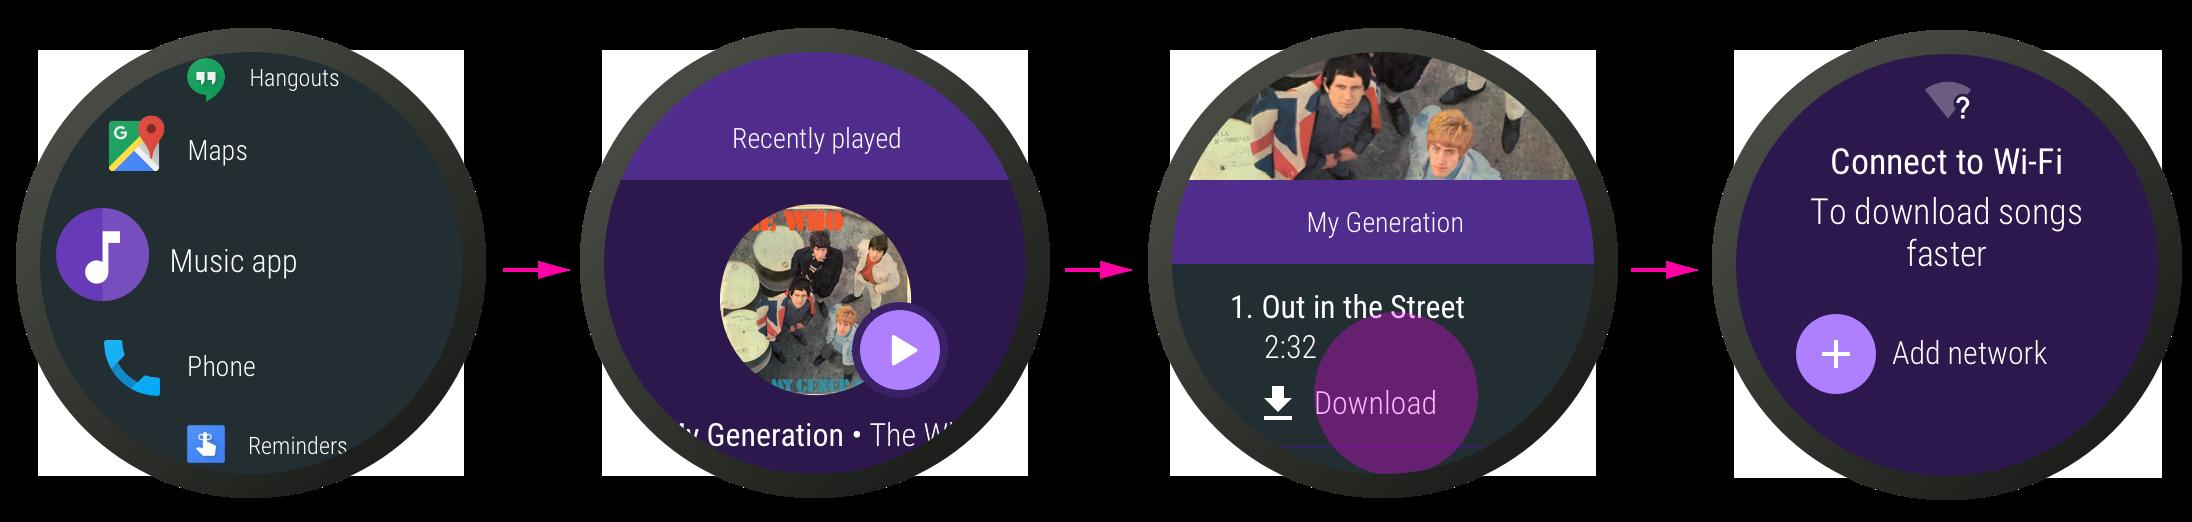 Descarga de música